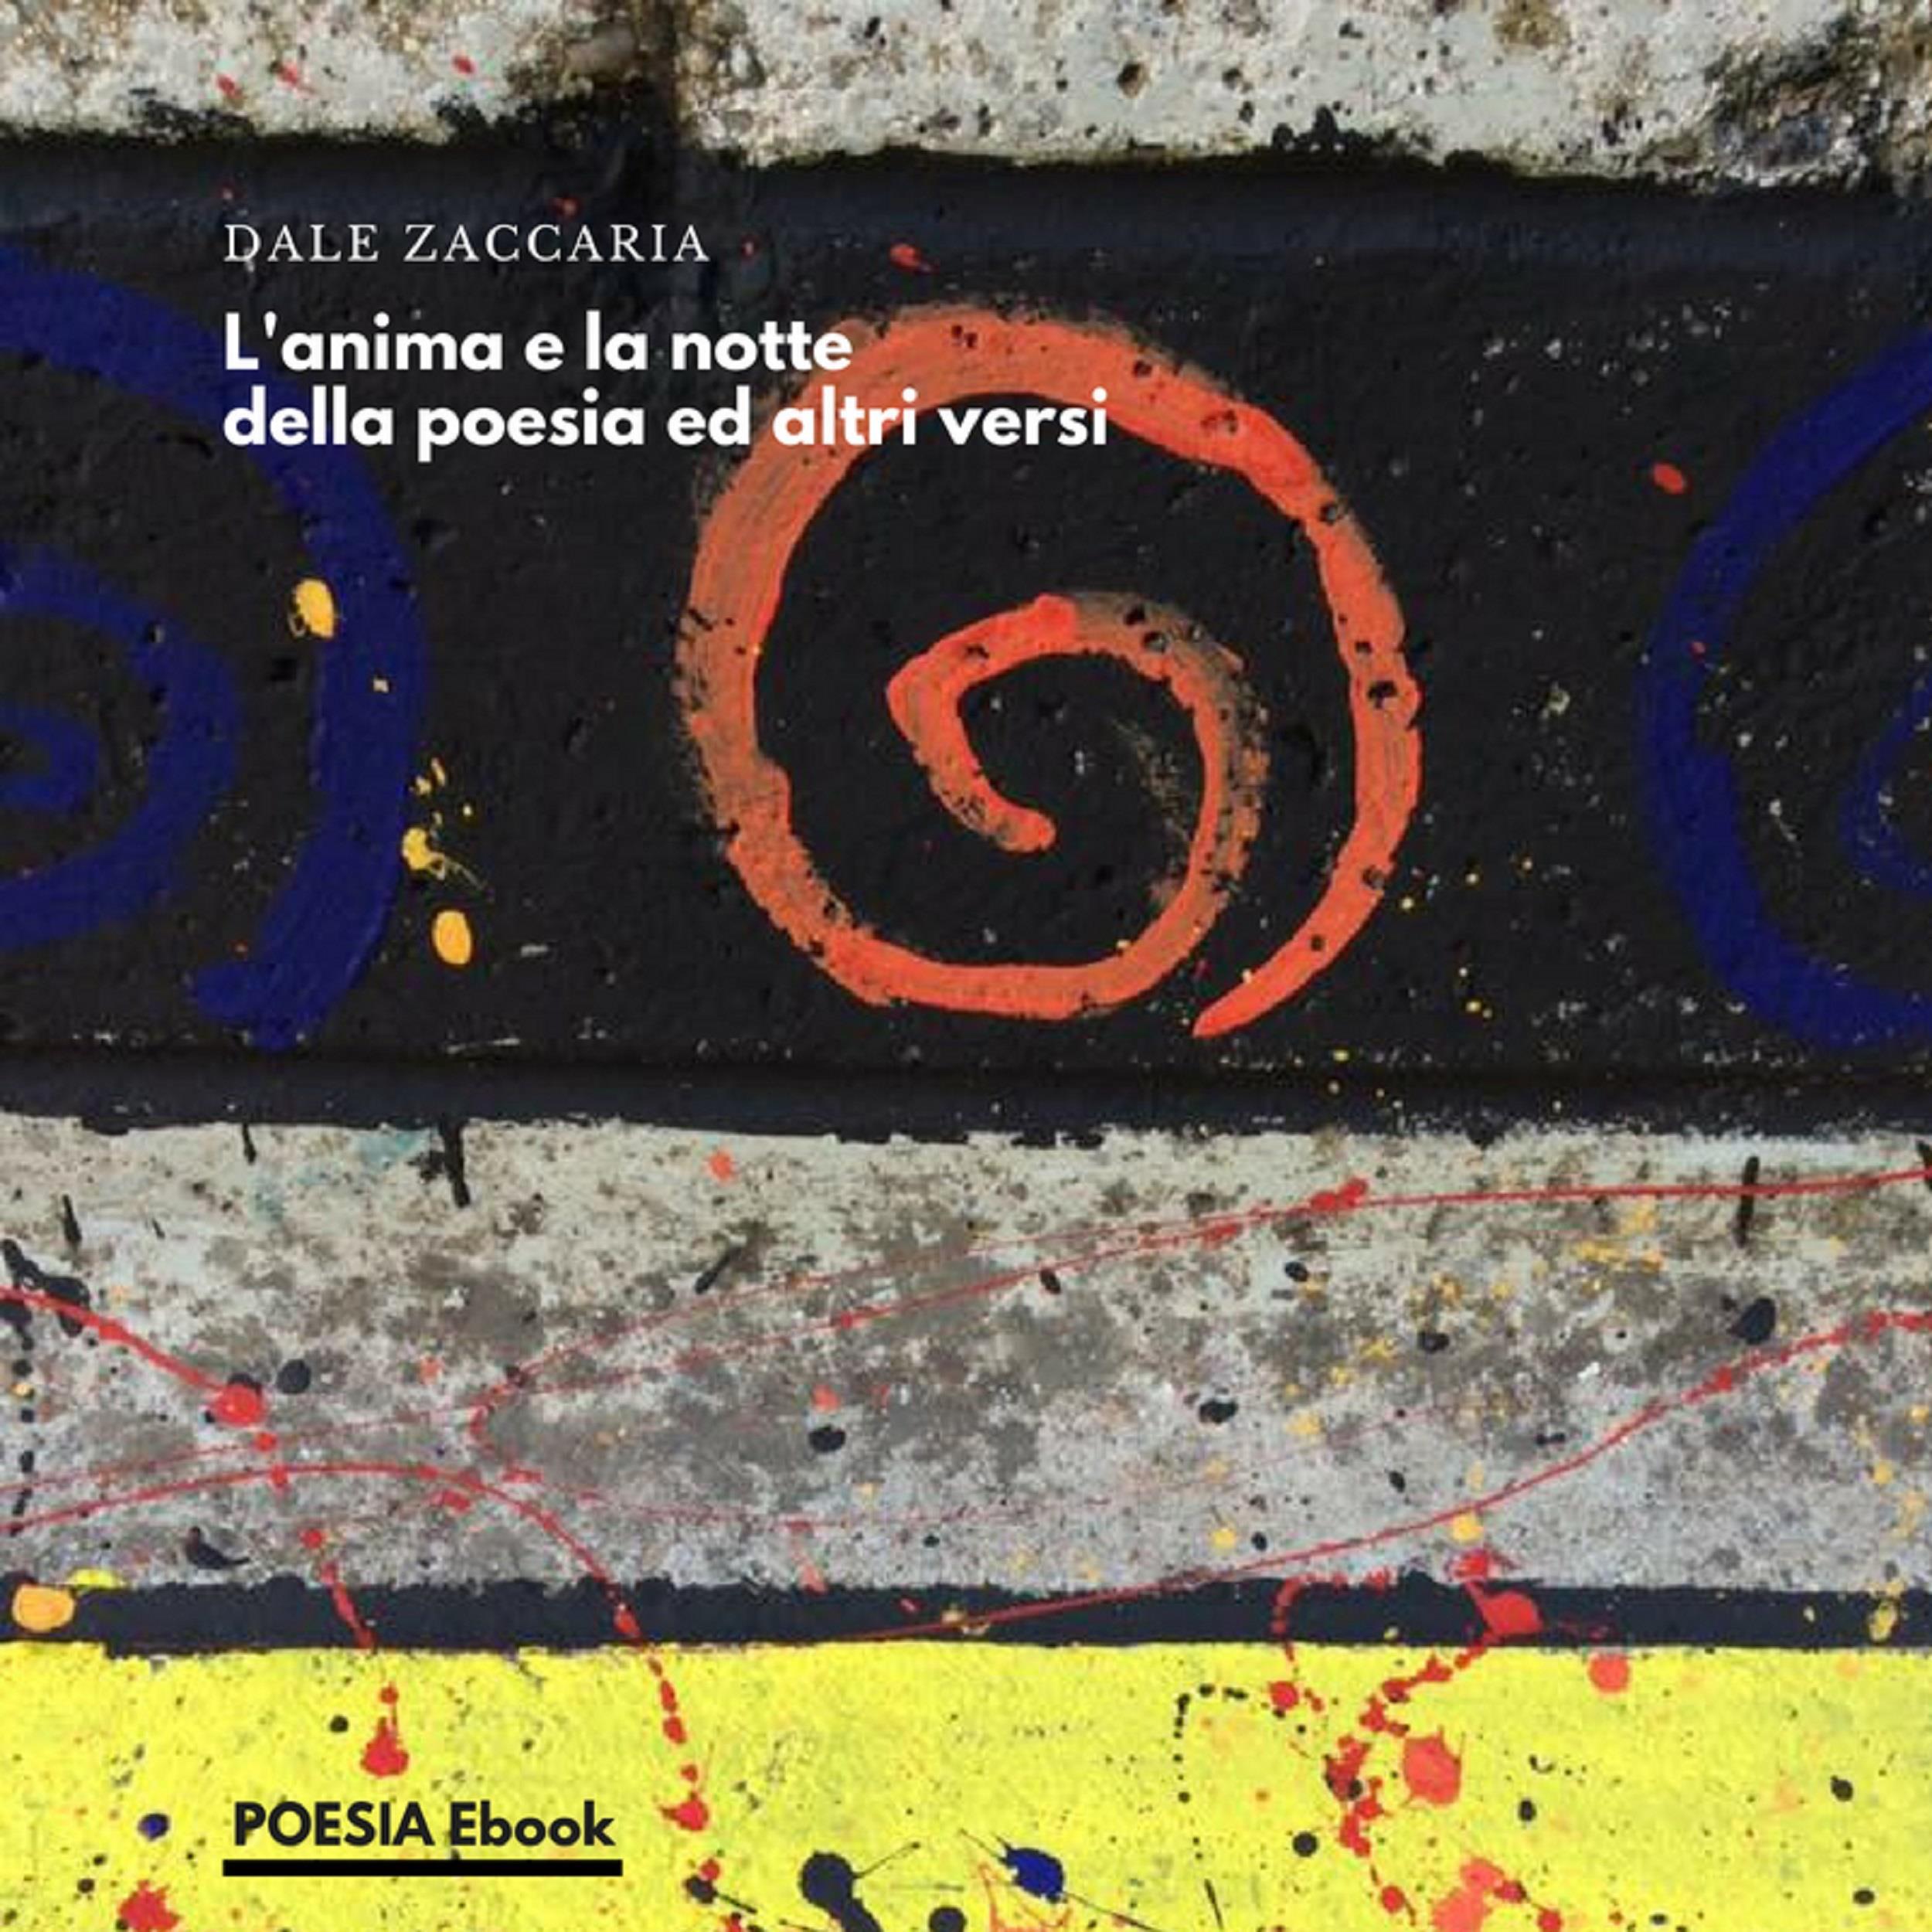 L'anima e la notte della poesia ed altri versi